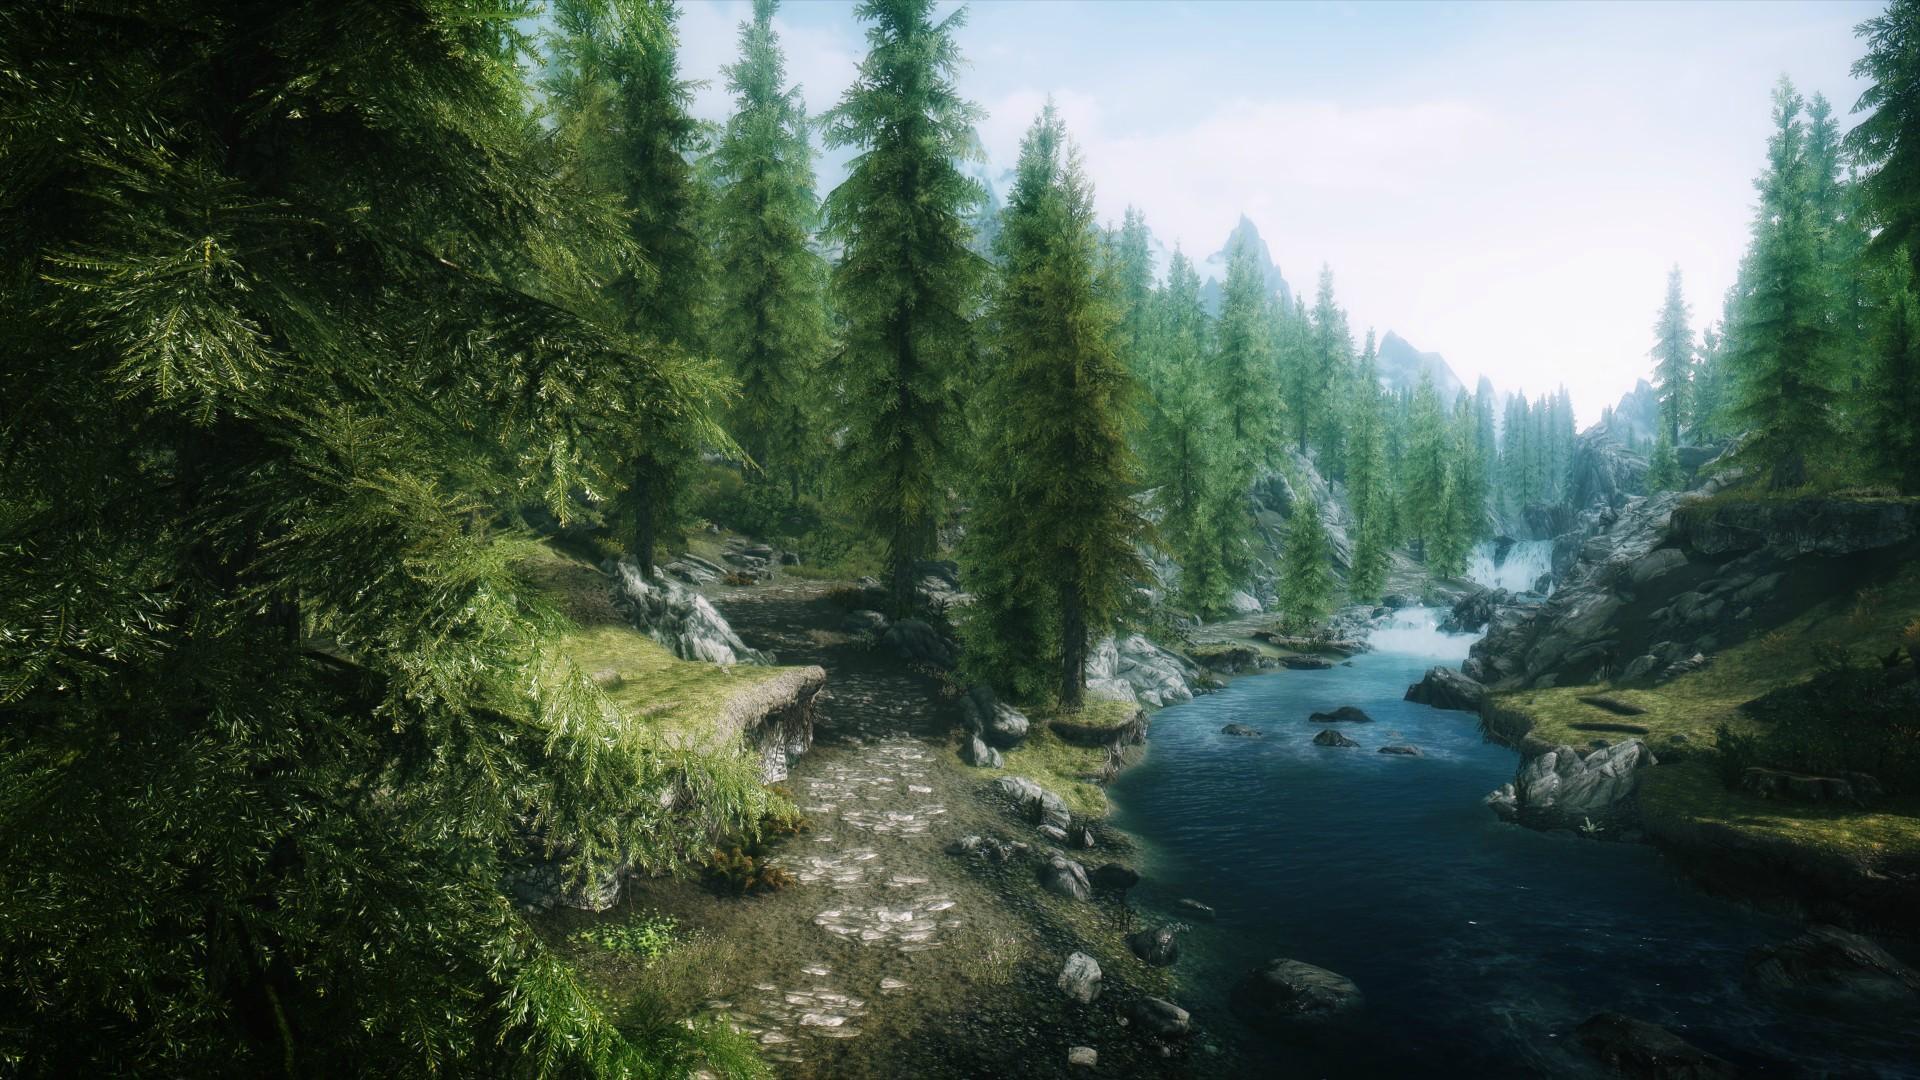 Skyrim Animated Wallpaper Skyrimの:森のhdデスクトップの壁紙:ワイドスクリーン:高精細:フルスクリーン